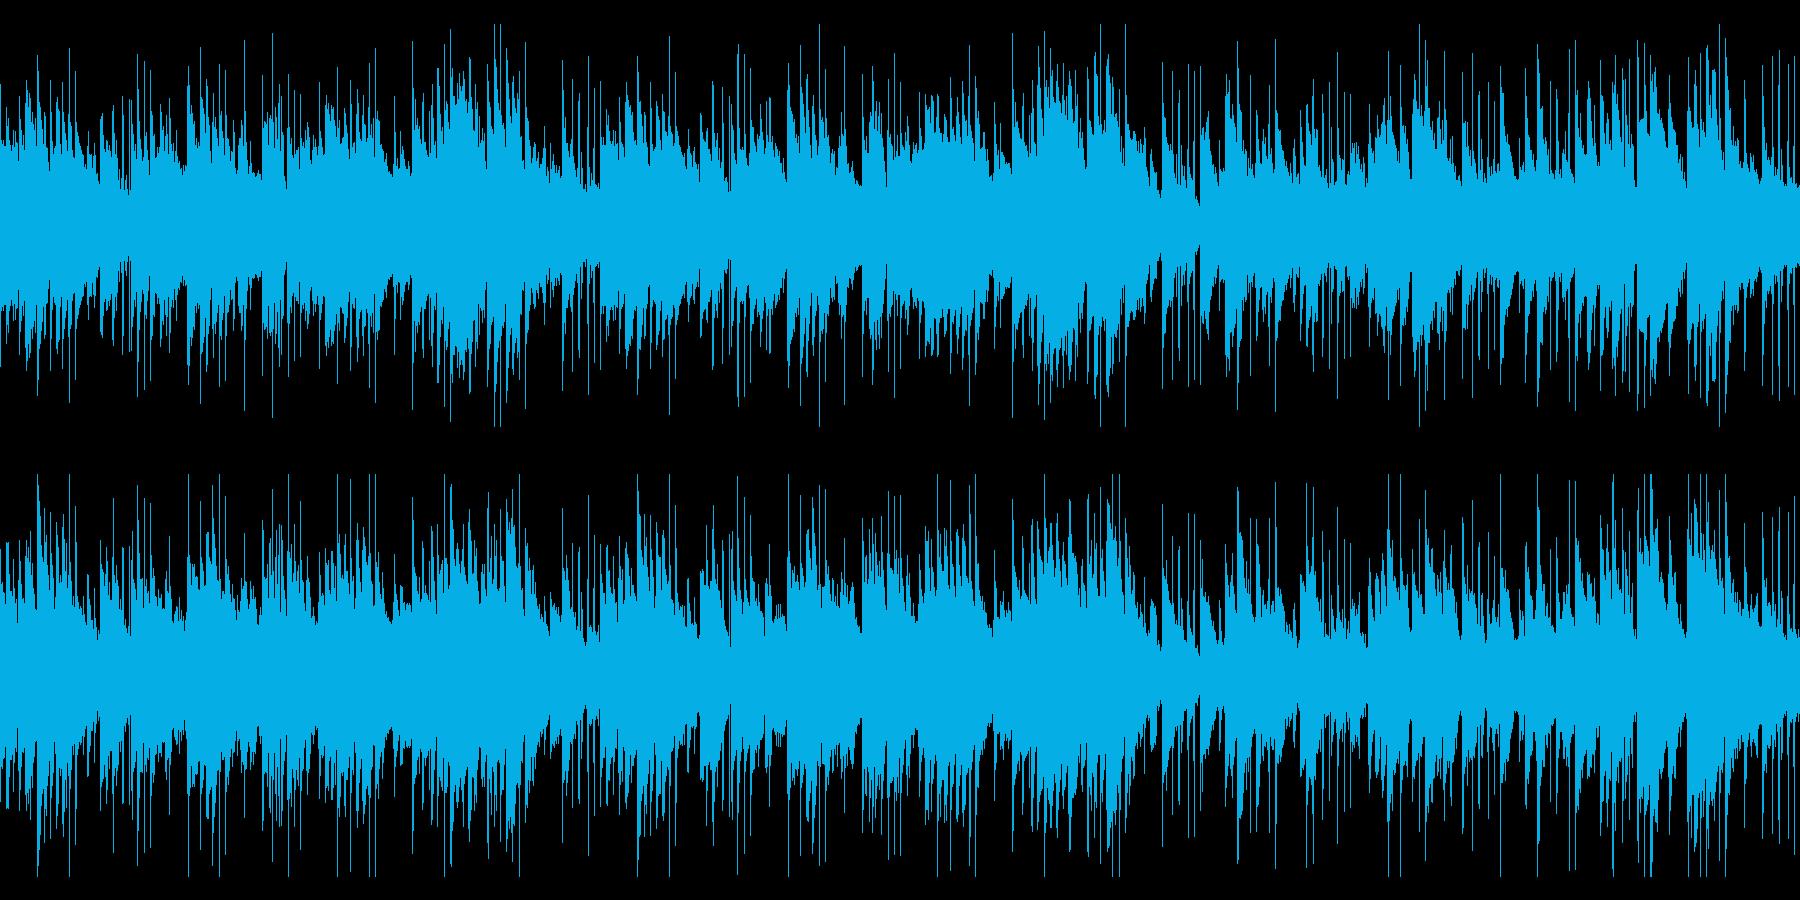 ロマンチックなジャズピアノ曲(ループ)の再生済みの波形